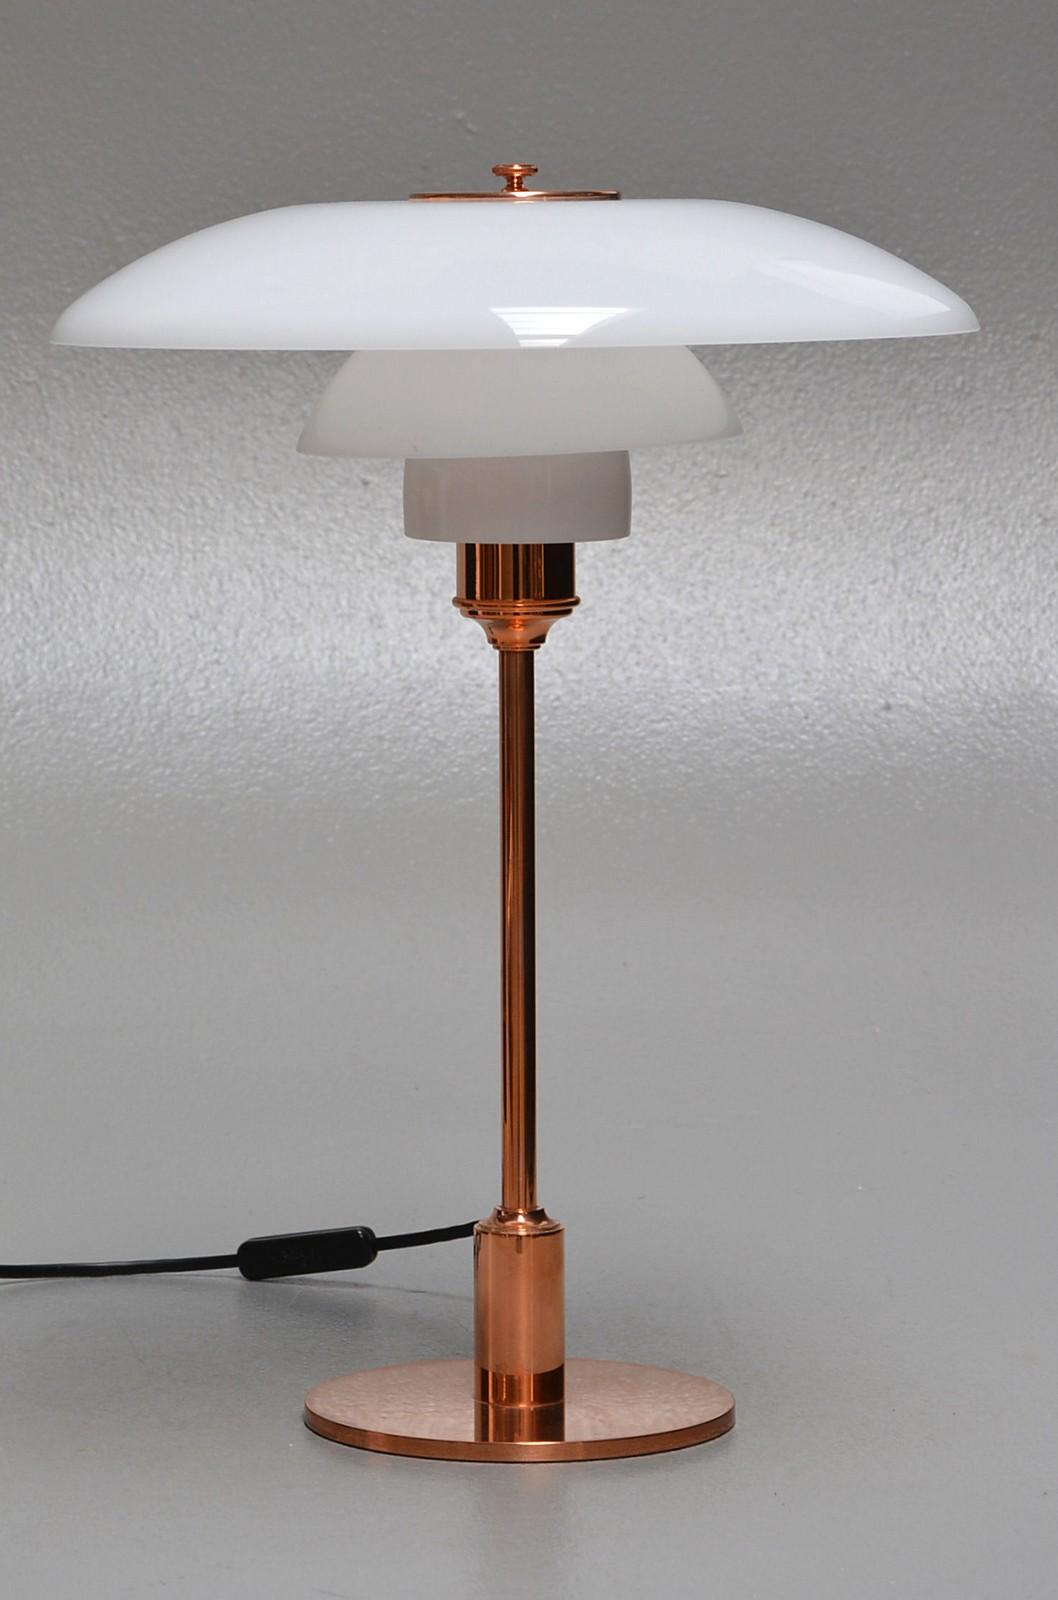 Poul Henningsen for PoulsenPH i 2½bordlampe 3½ Louis uiPkZXO